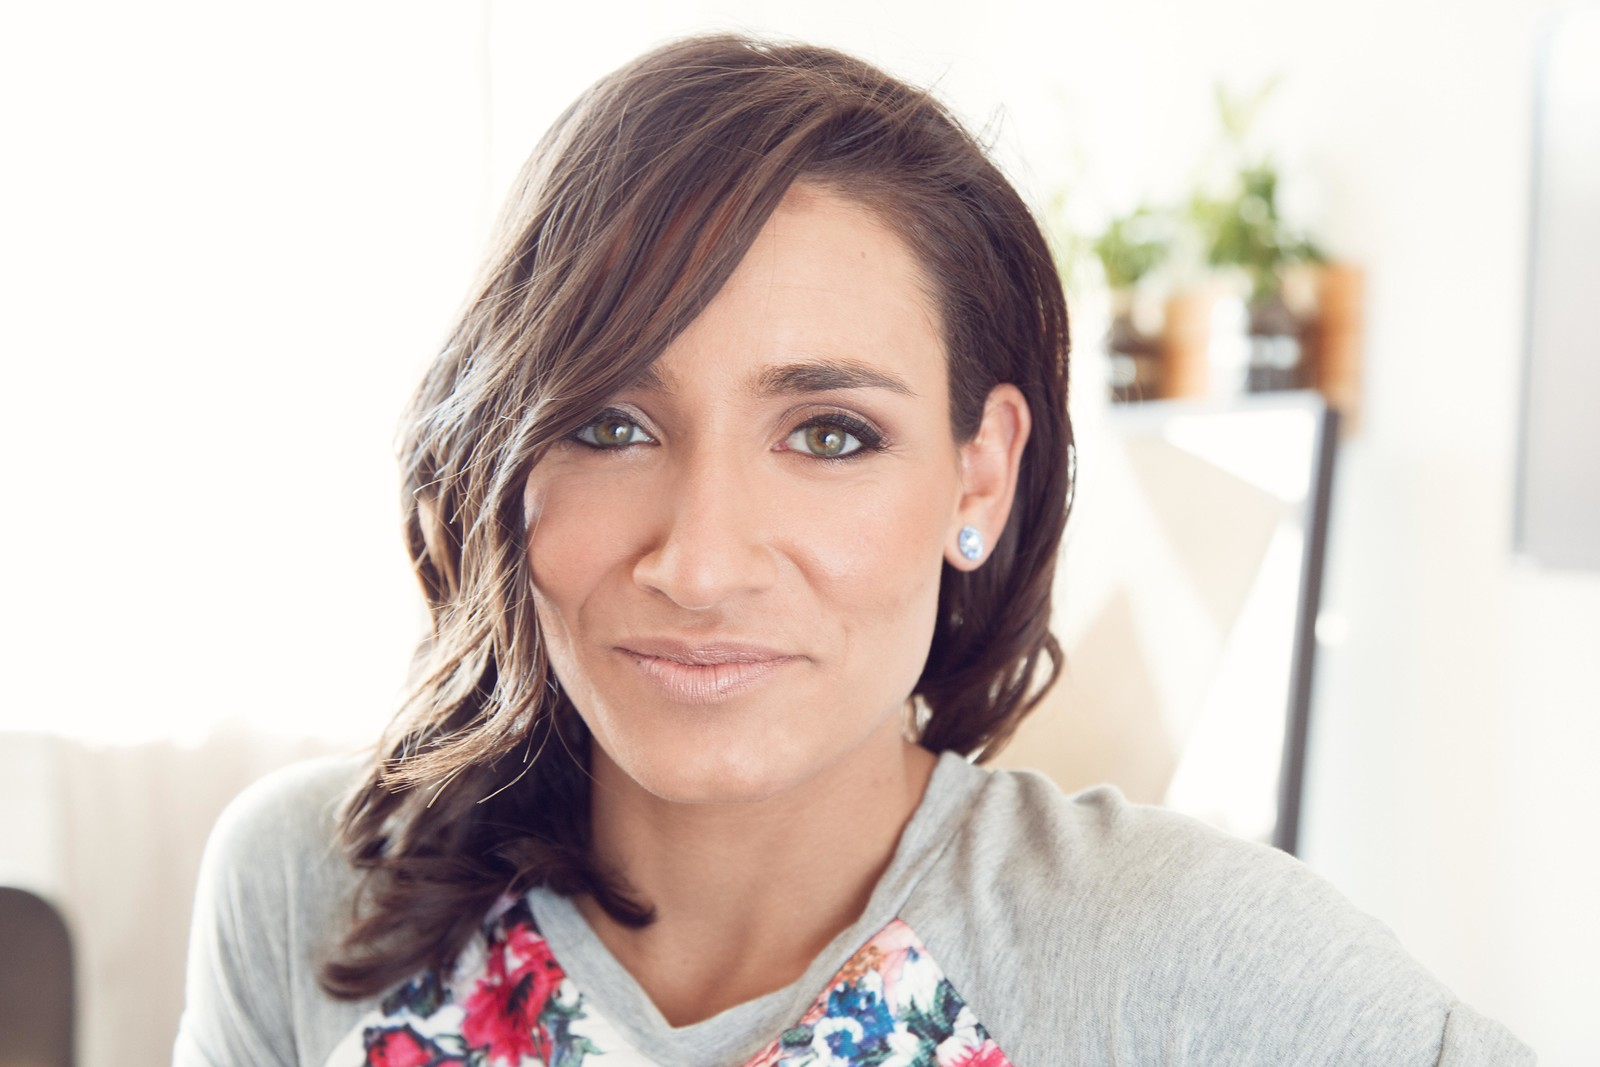 Camille Dg Camille Desrosiers-Gaudette Camille Desrosiers Montréal Blogger Blogueuse